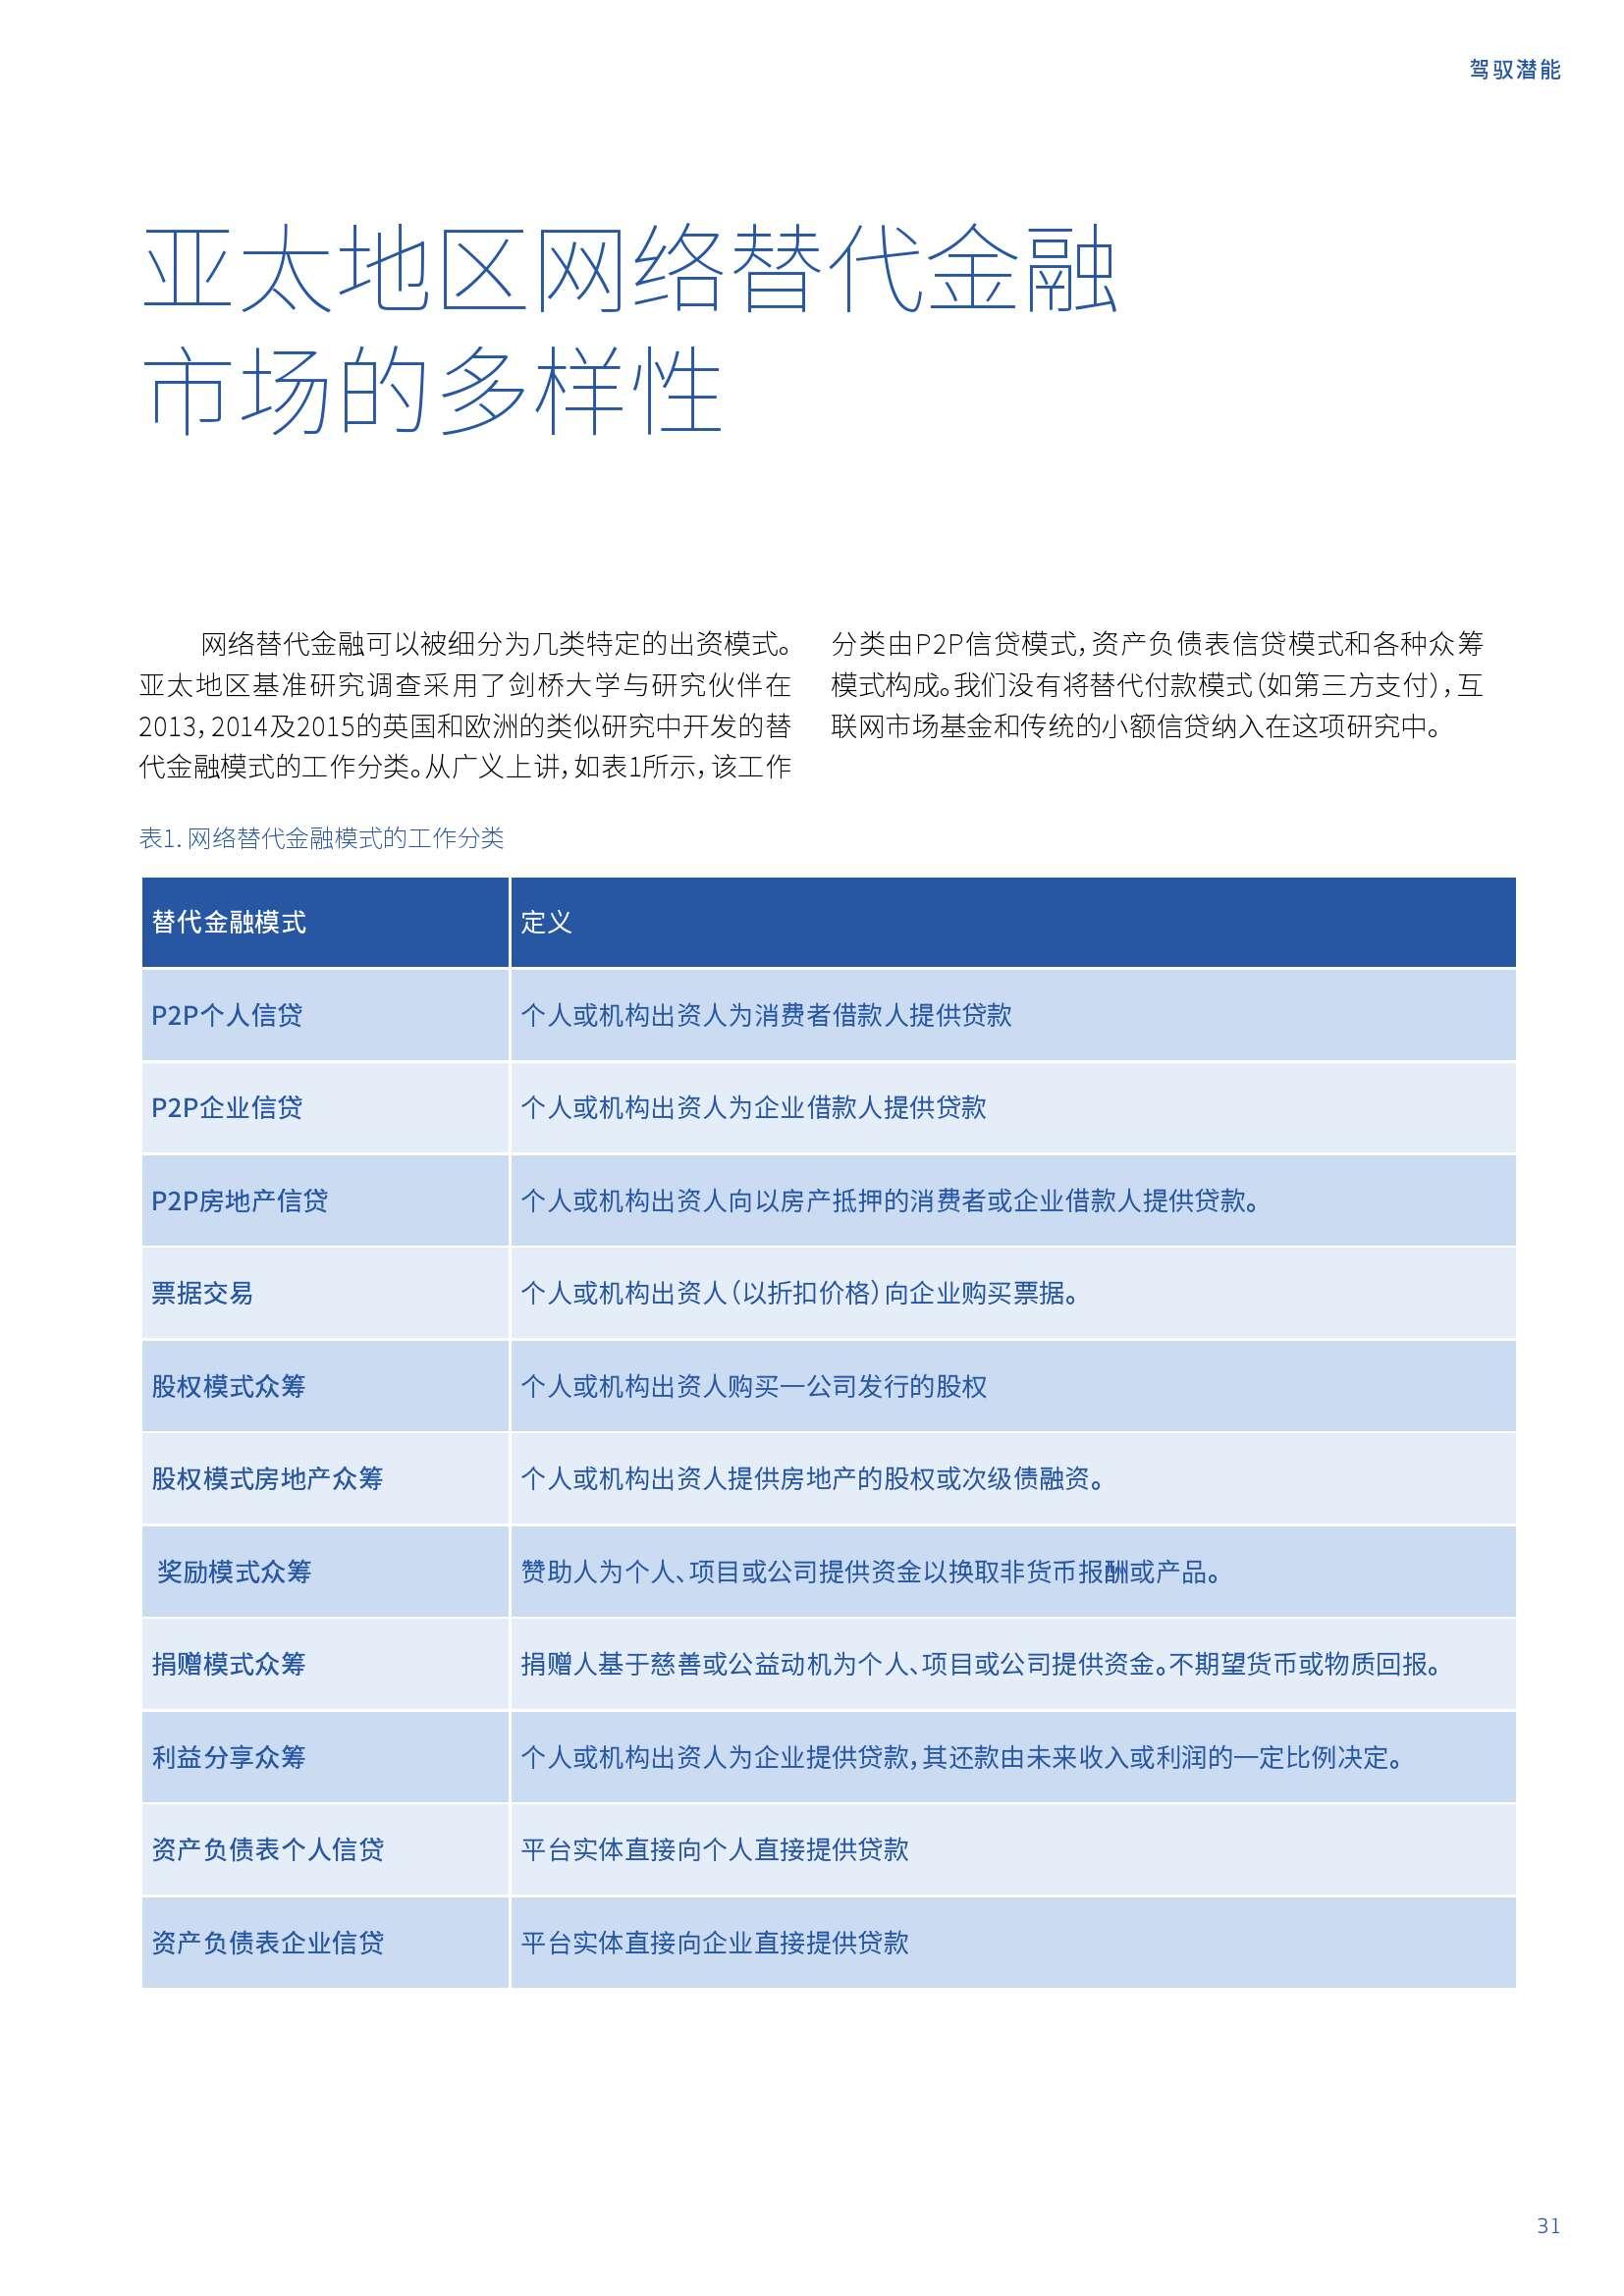 亚太地区网络替代金融基准报告_000031